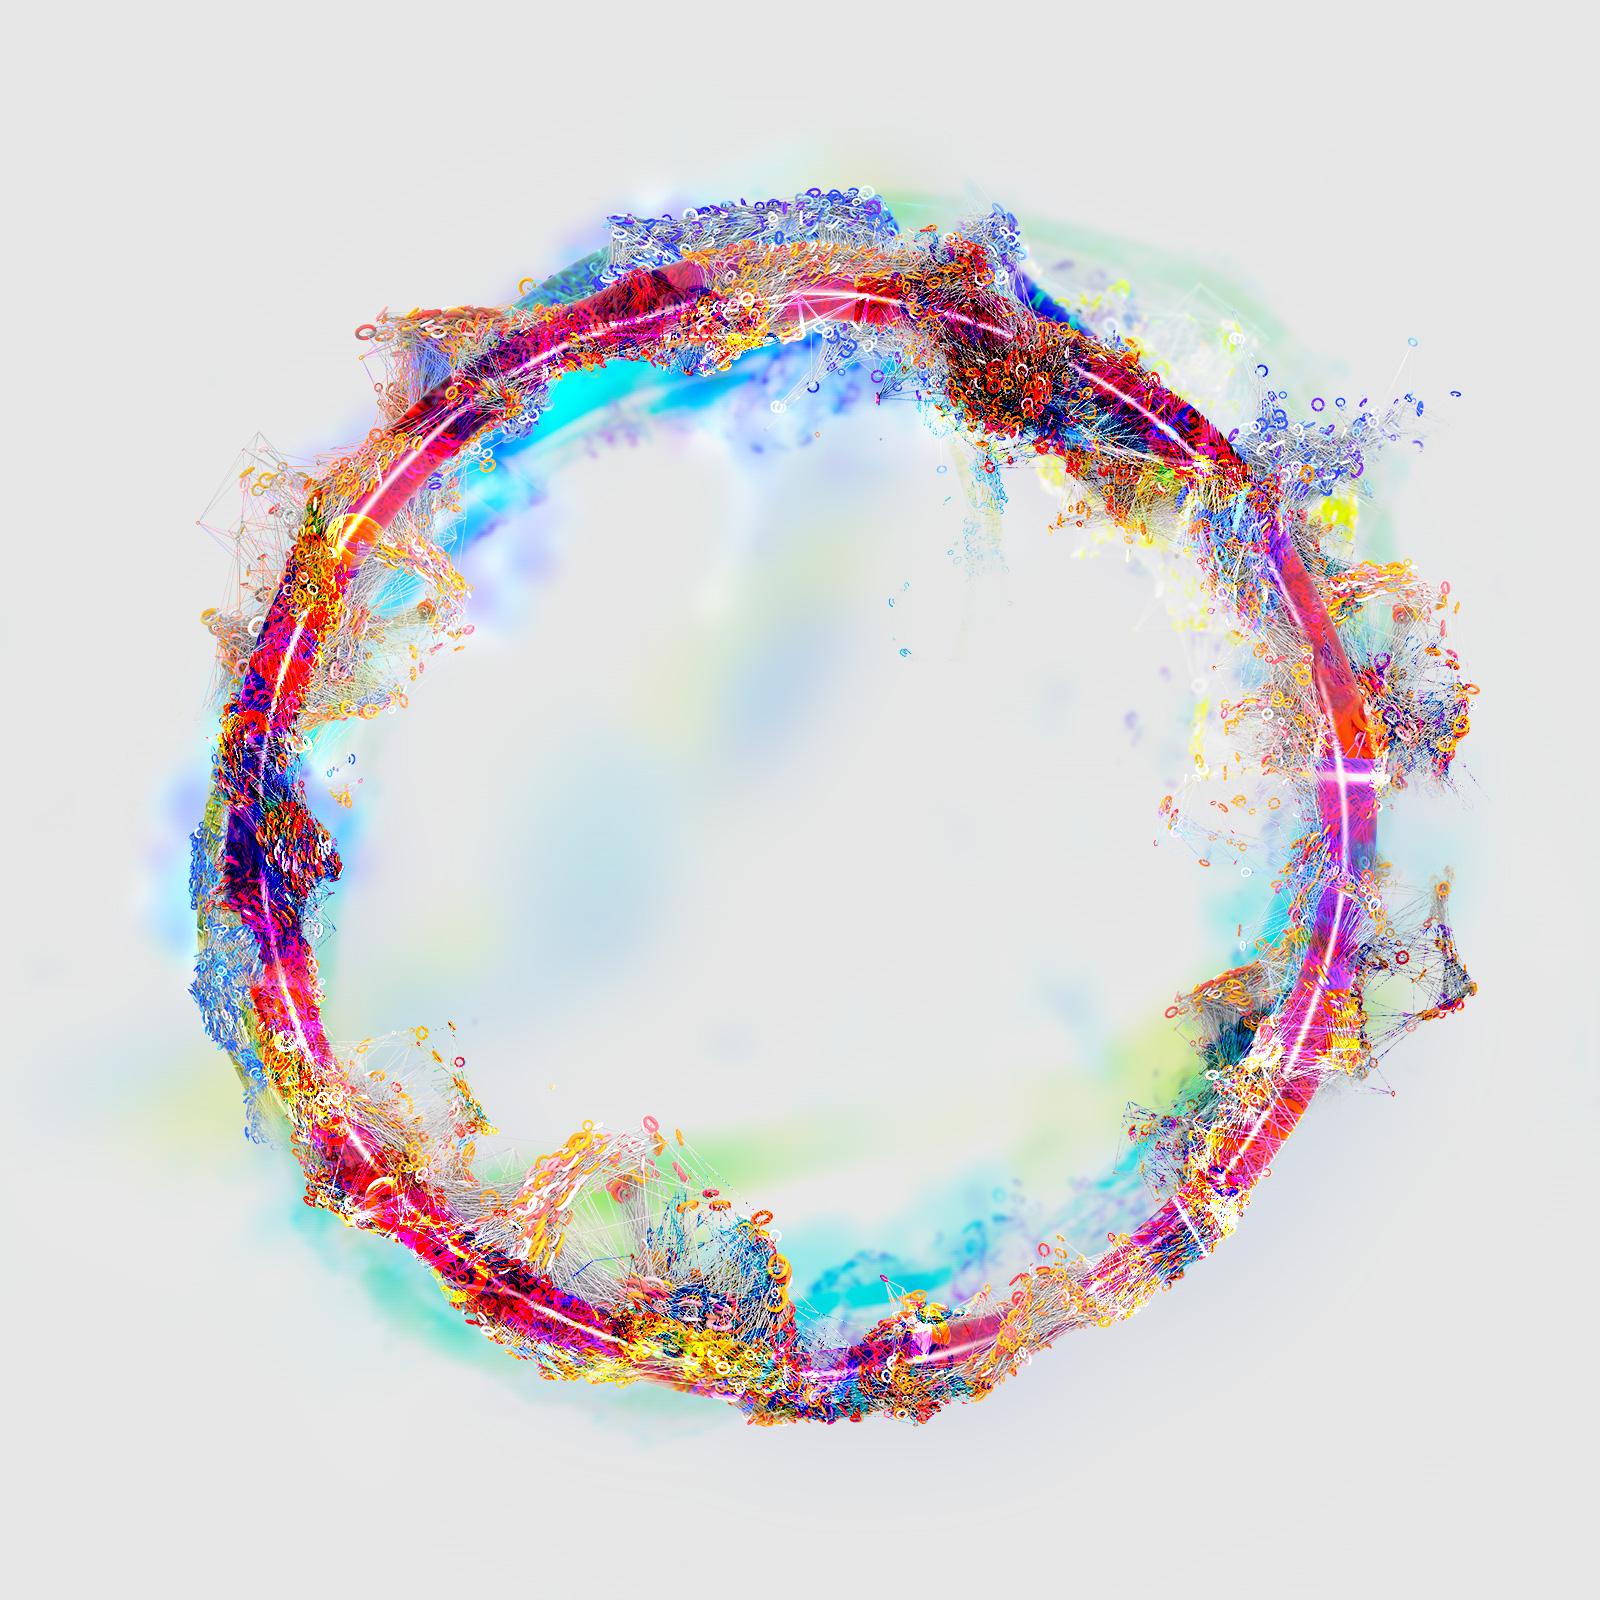 overlap-03-circleNoise-000.jpg